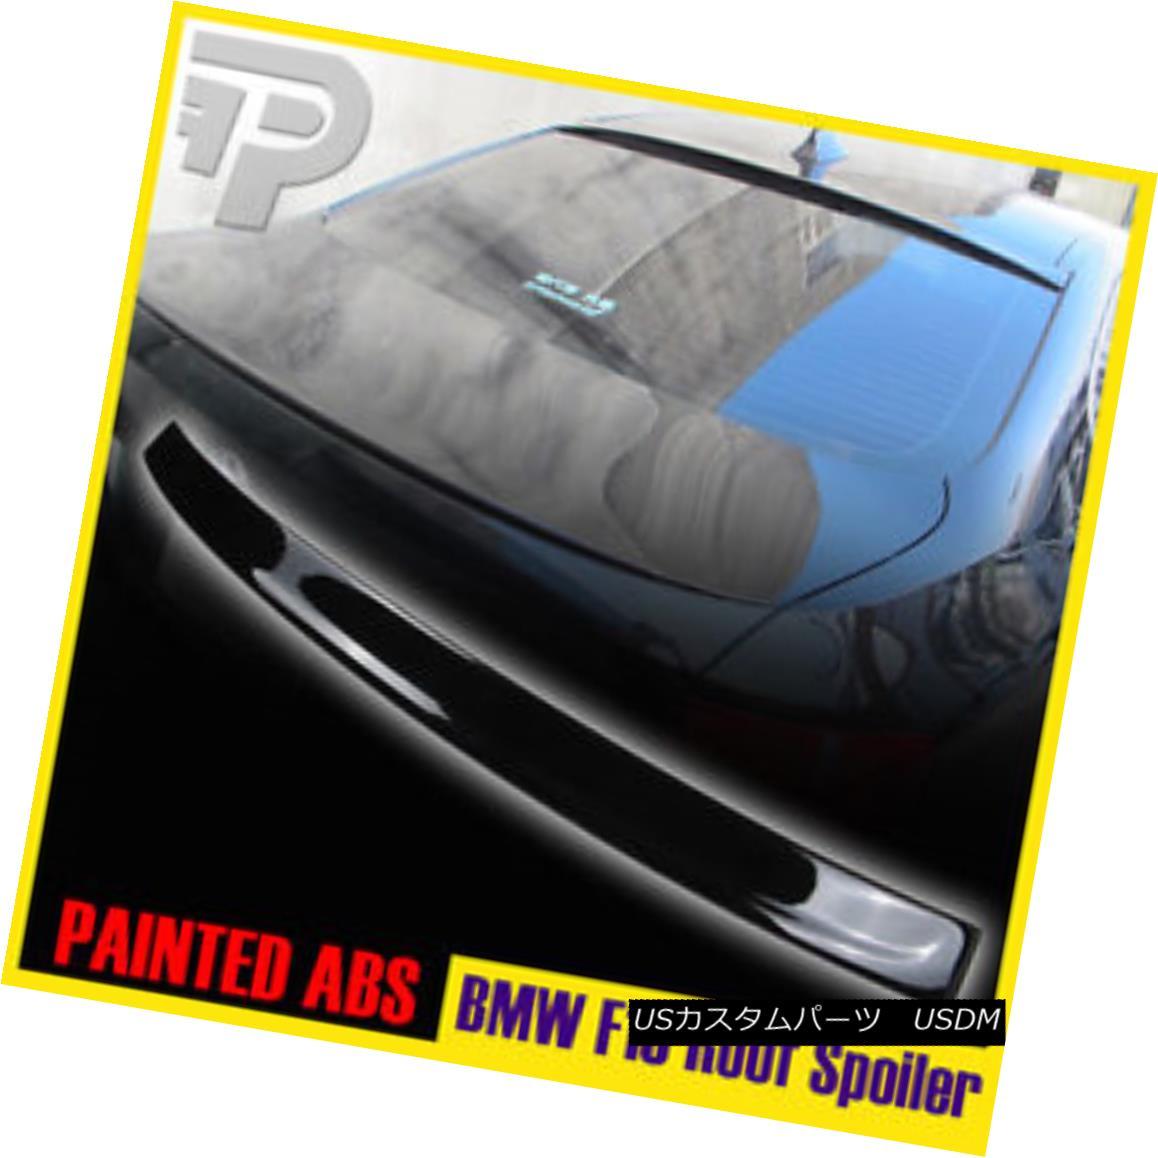 エアロパーツ PAINTED BMW F10 3D TYPE WINDOW REAR ROOF SPOILER 11+ ▼ 塗装済みBMW F10 3Dタイプウインドウリアルーフスポイラー11+?